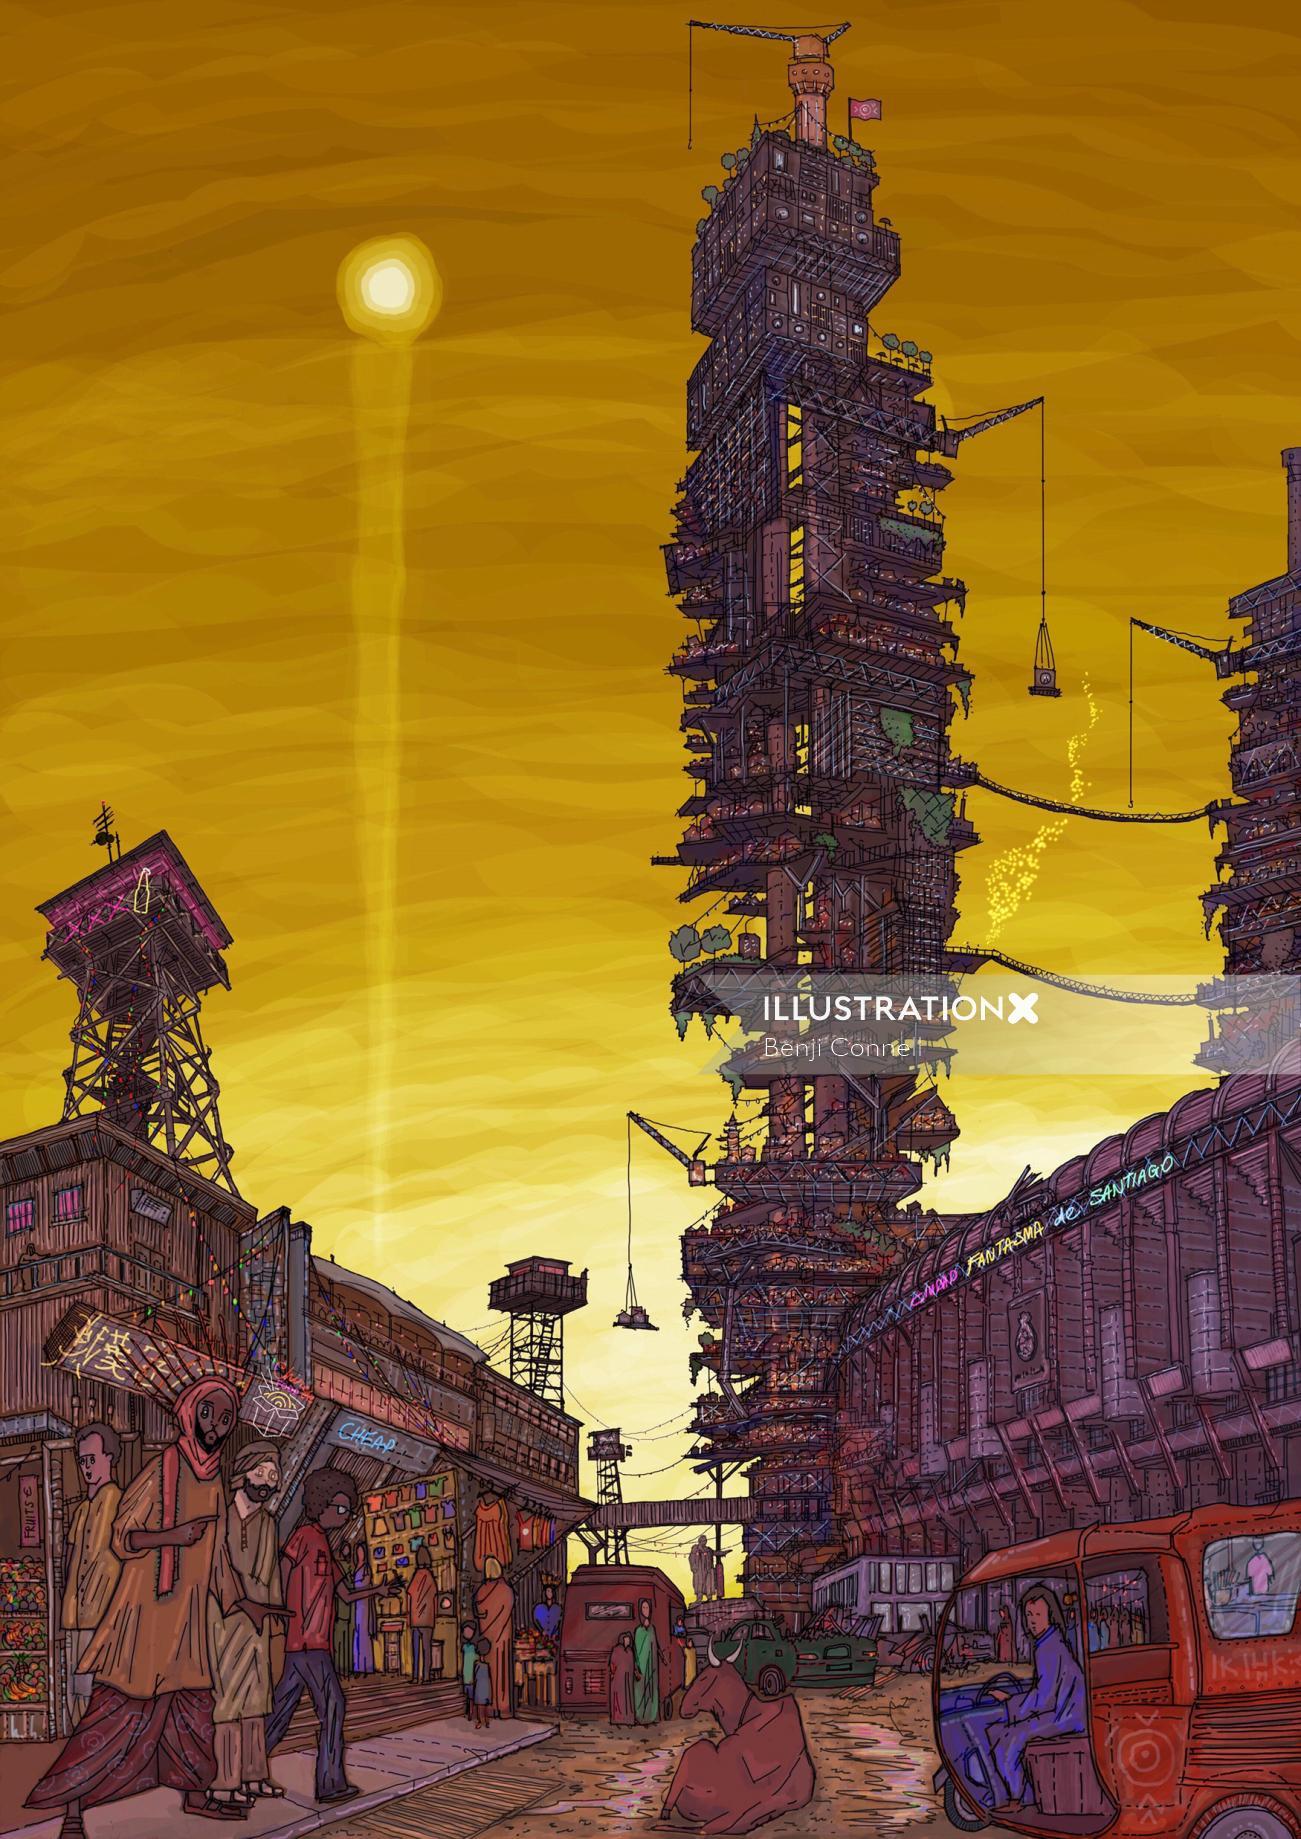 Fantasy architecture at dawn